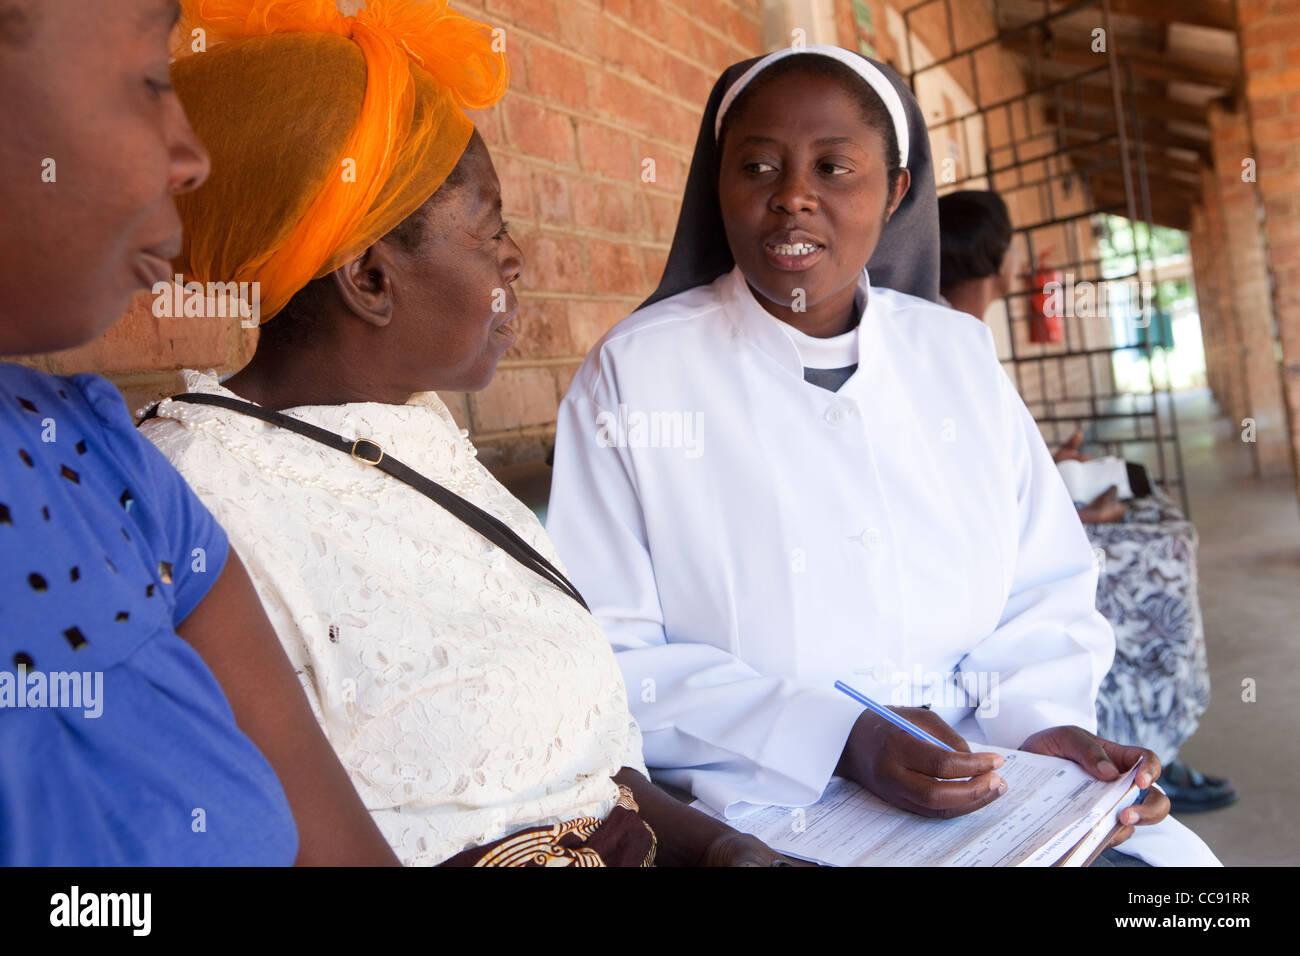 Un operatore sanitario professionale si consulta con i pazienti a un romano ospedale cattolico di Ibenga, Zambia, Sud Africa. Foto Stock